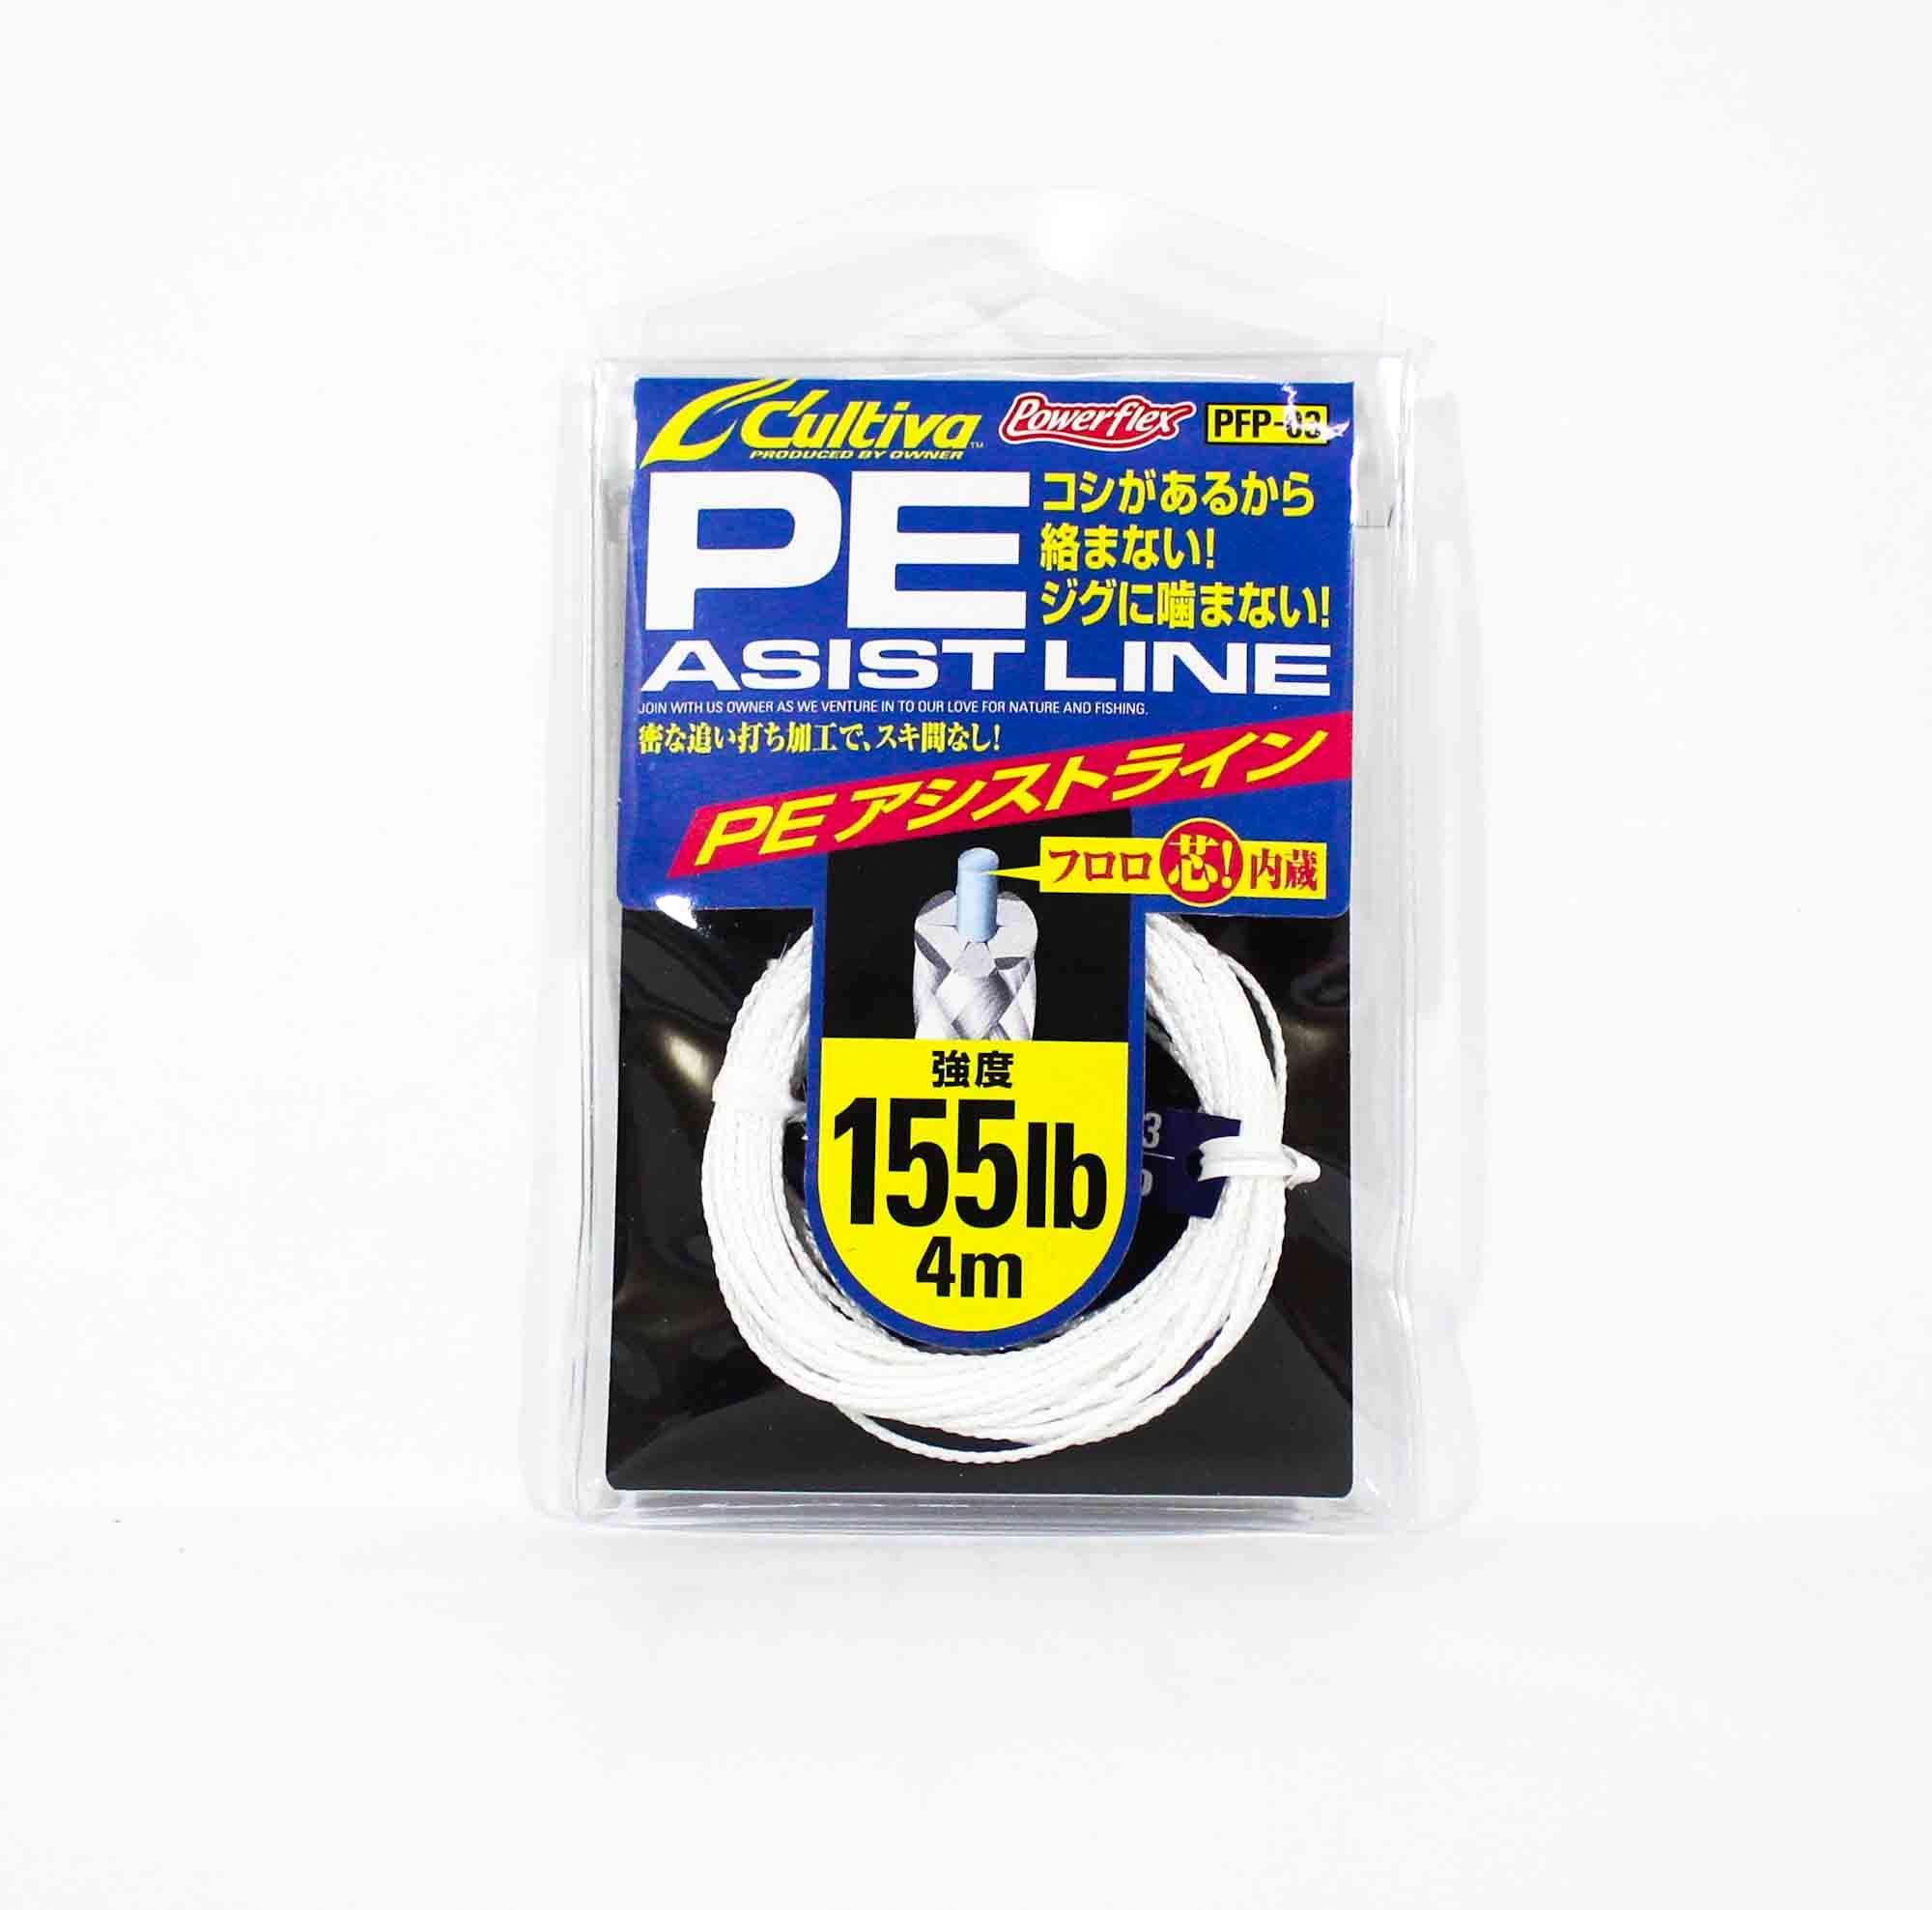 Owner PFP-03 PE Assist Cord Line 155lb 4m (4313)